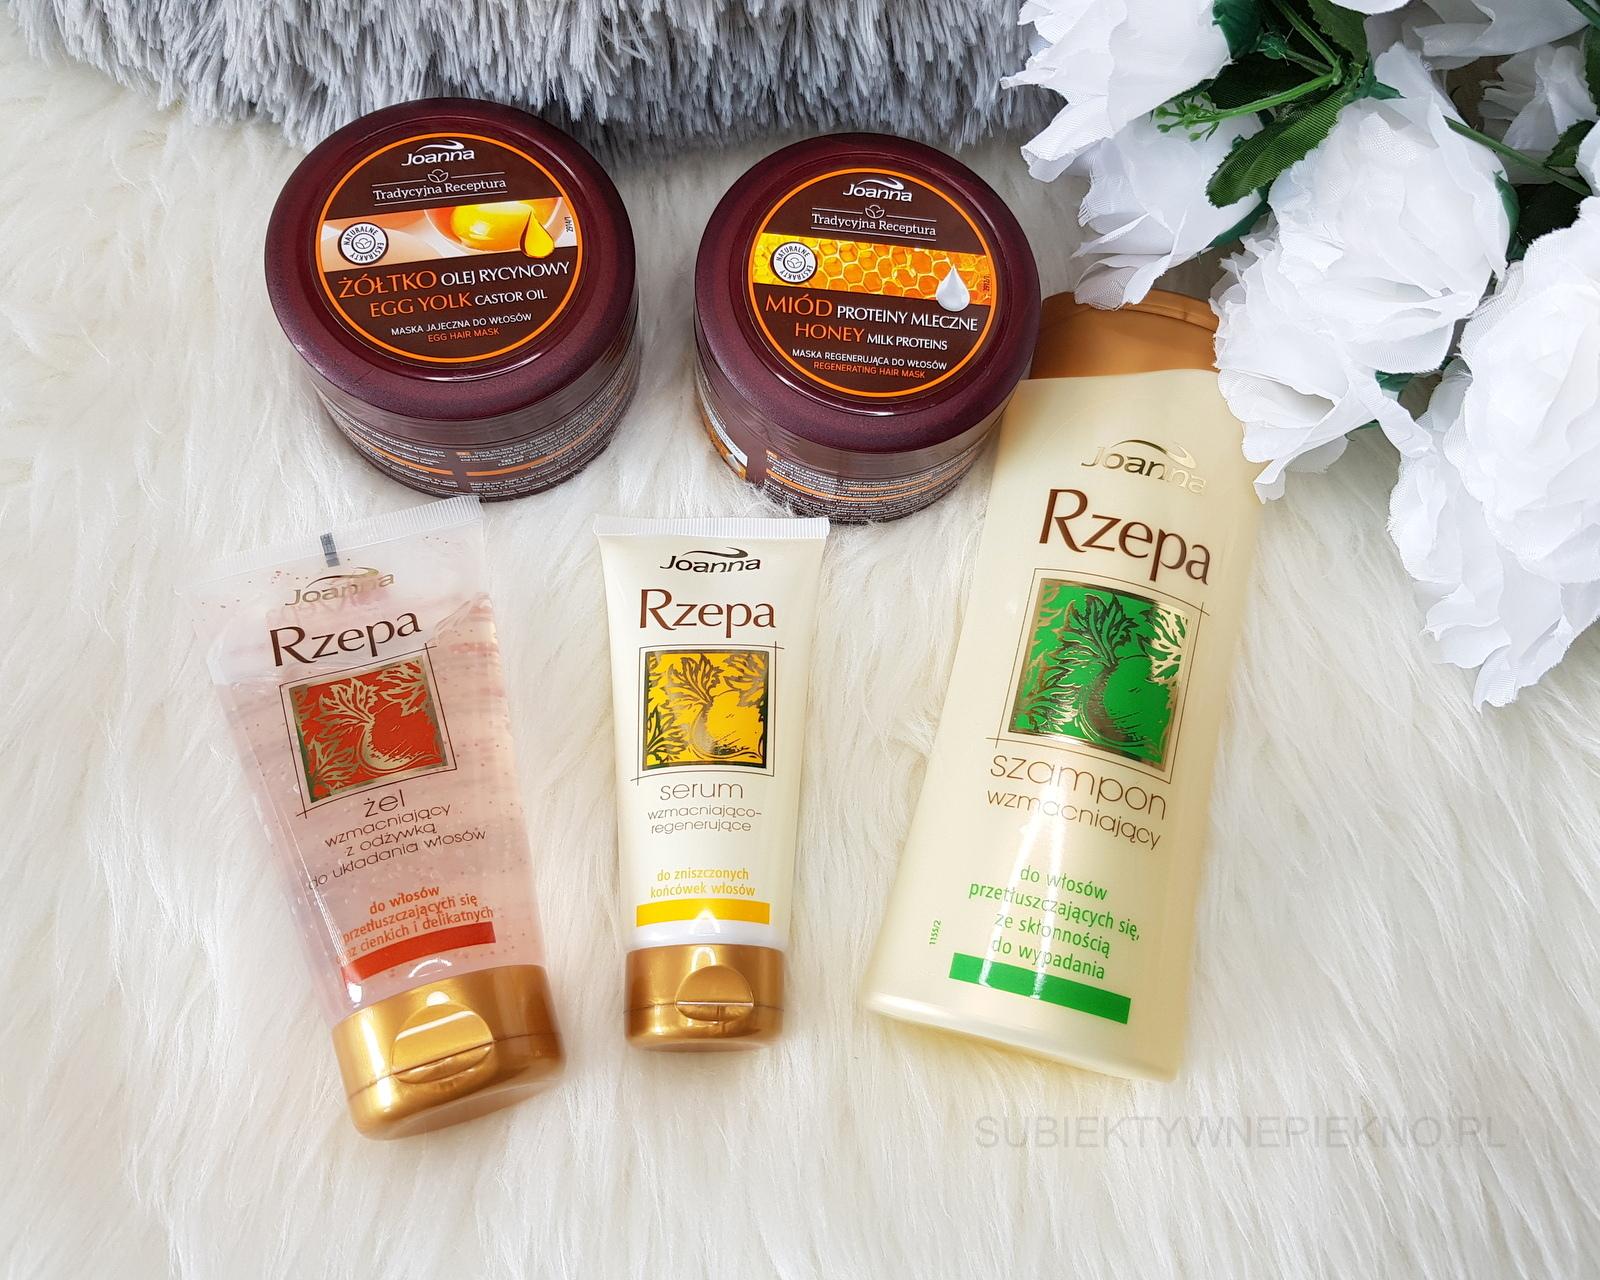 Nowości luty 2018 - serum, szampon i żel z odżywką Joanna Rzepa, maski do włosów Joanna